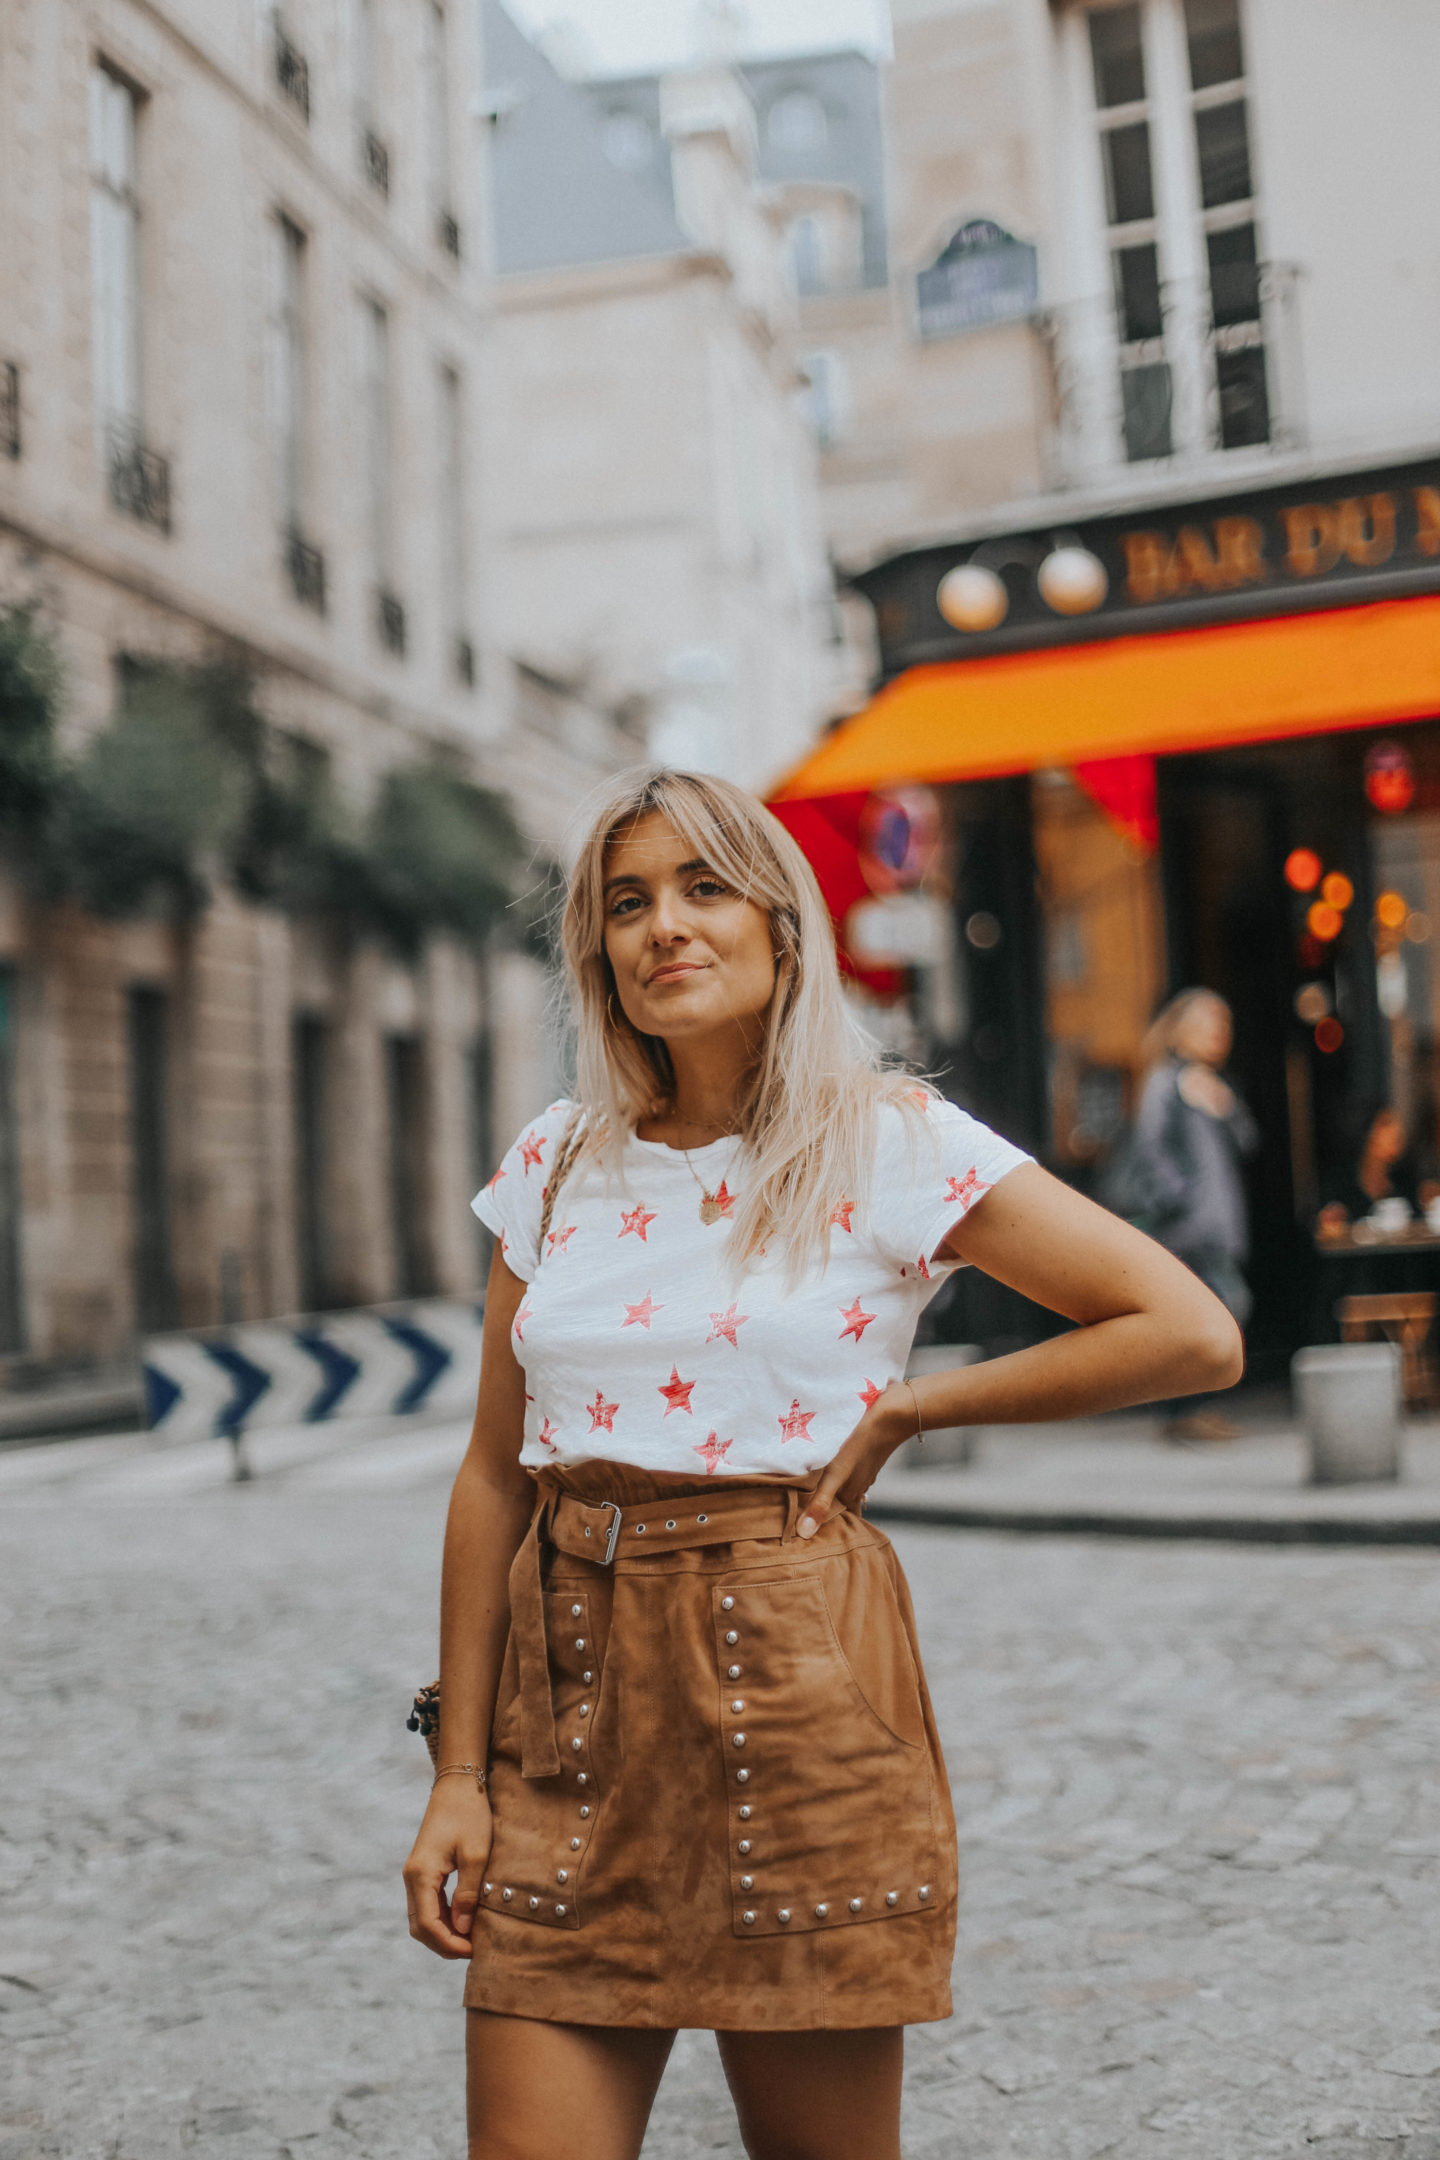 Jupe en daim Berenice - Blondie Baby blog mode Paris et voyages